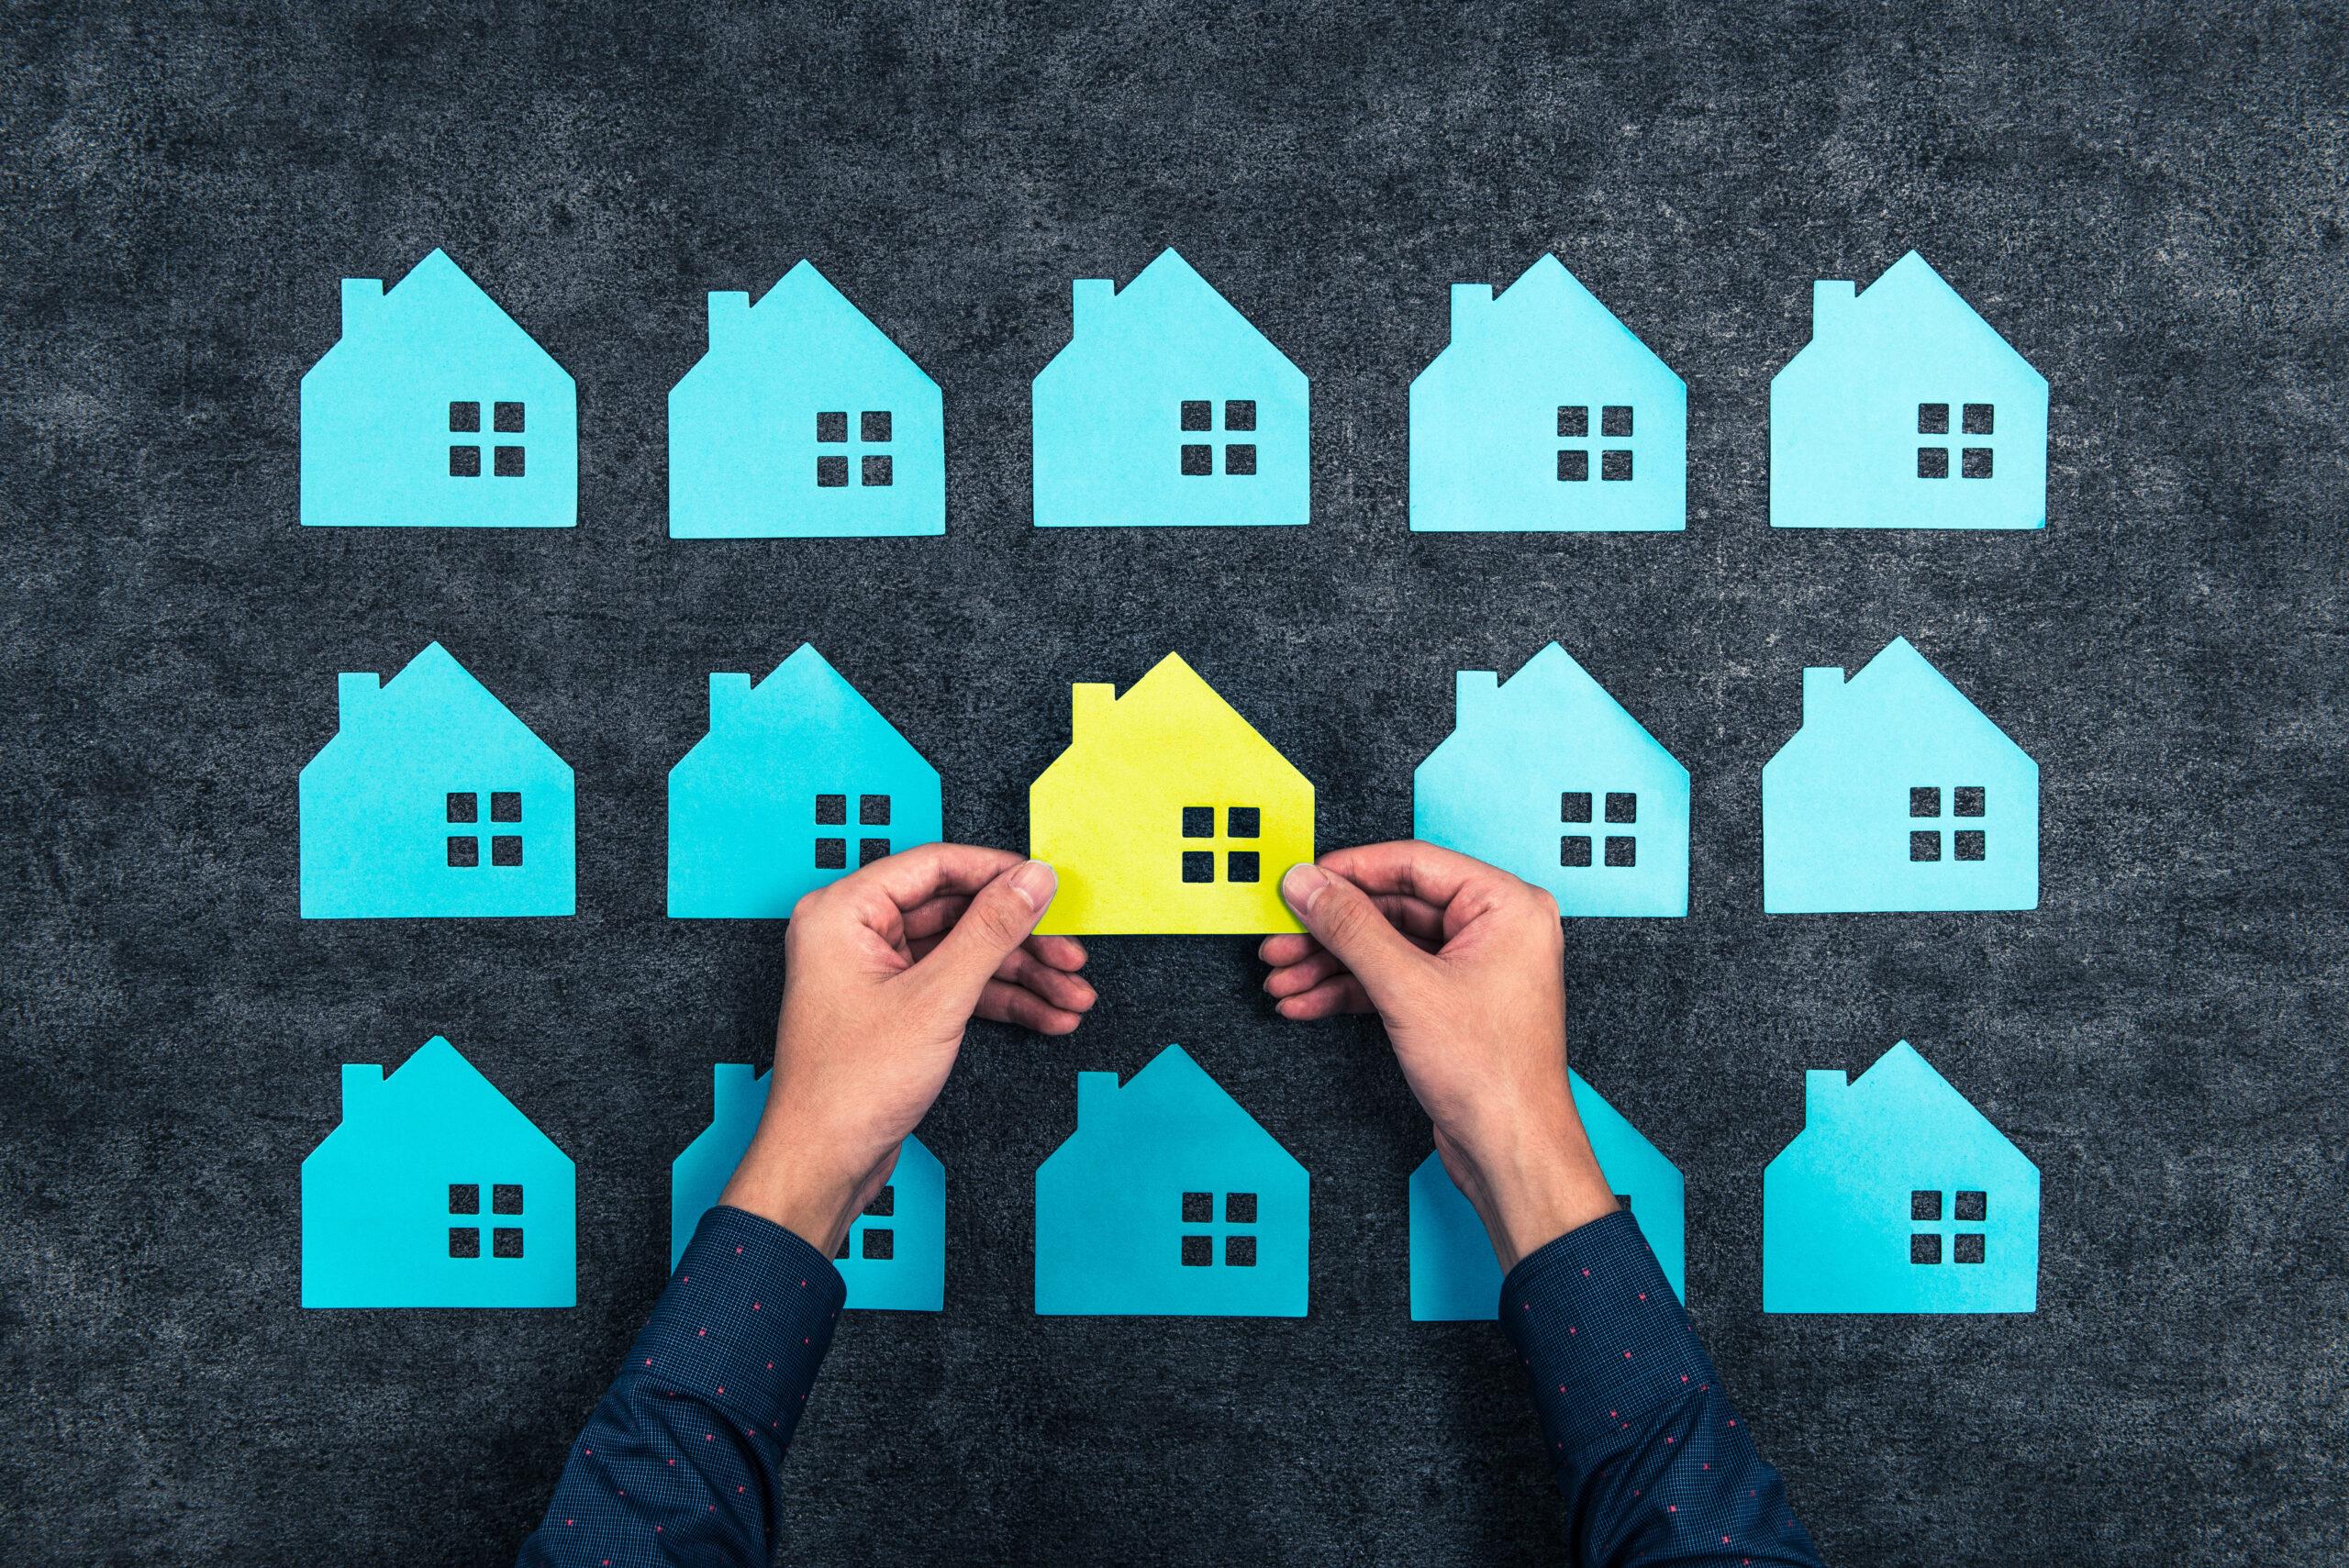 【連載#4】投資エリアの選び方と物件選定基準